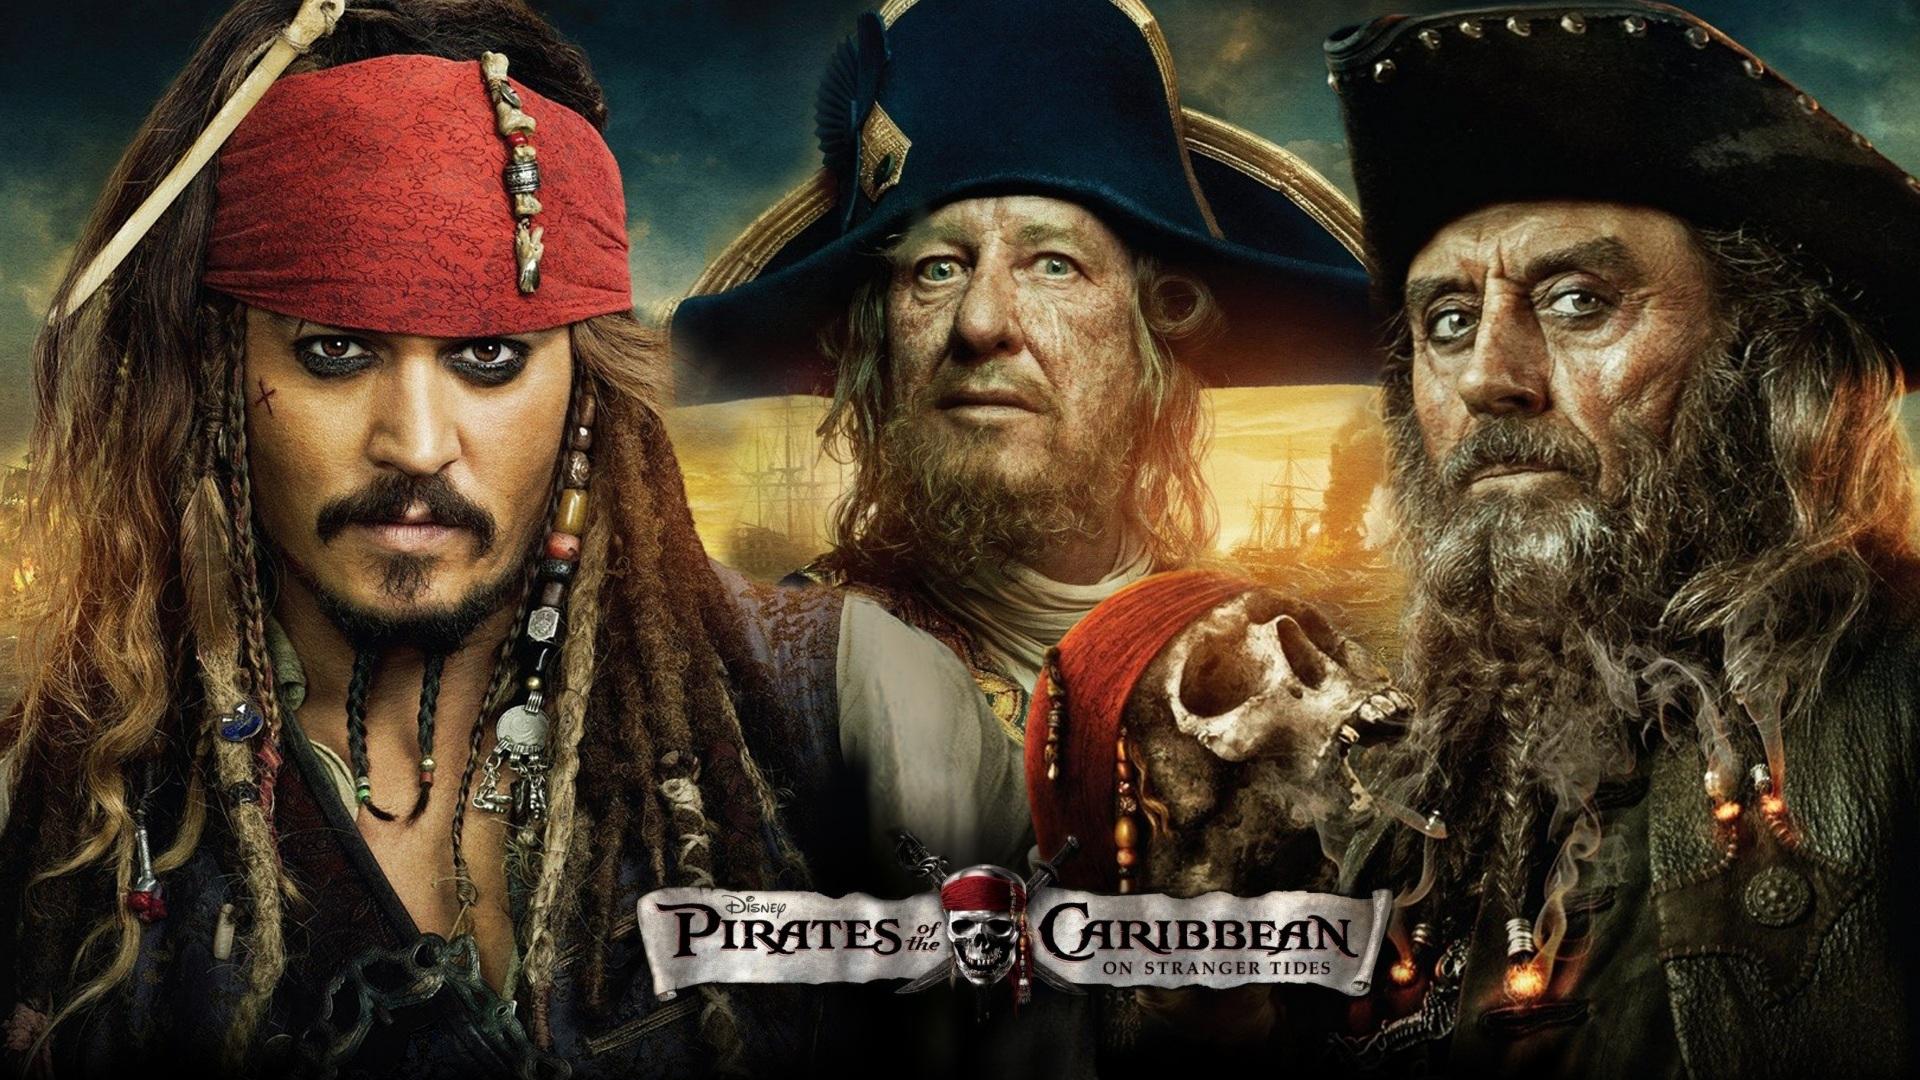 пираты карибского моря 5 обои на рабочий стол 1920х1080 № 220170 бесплатно